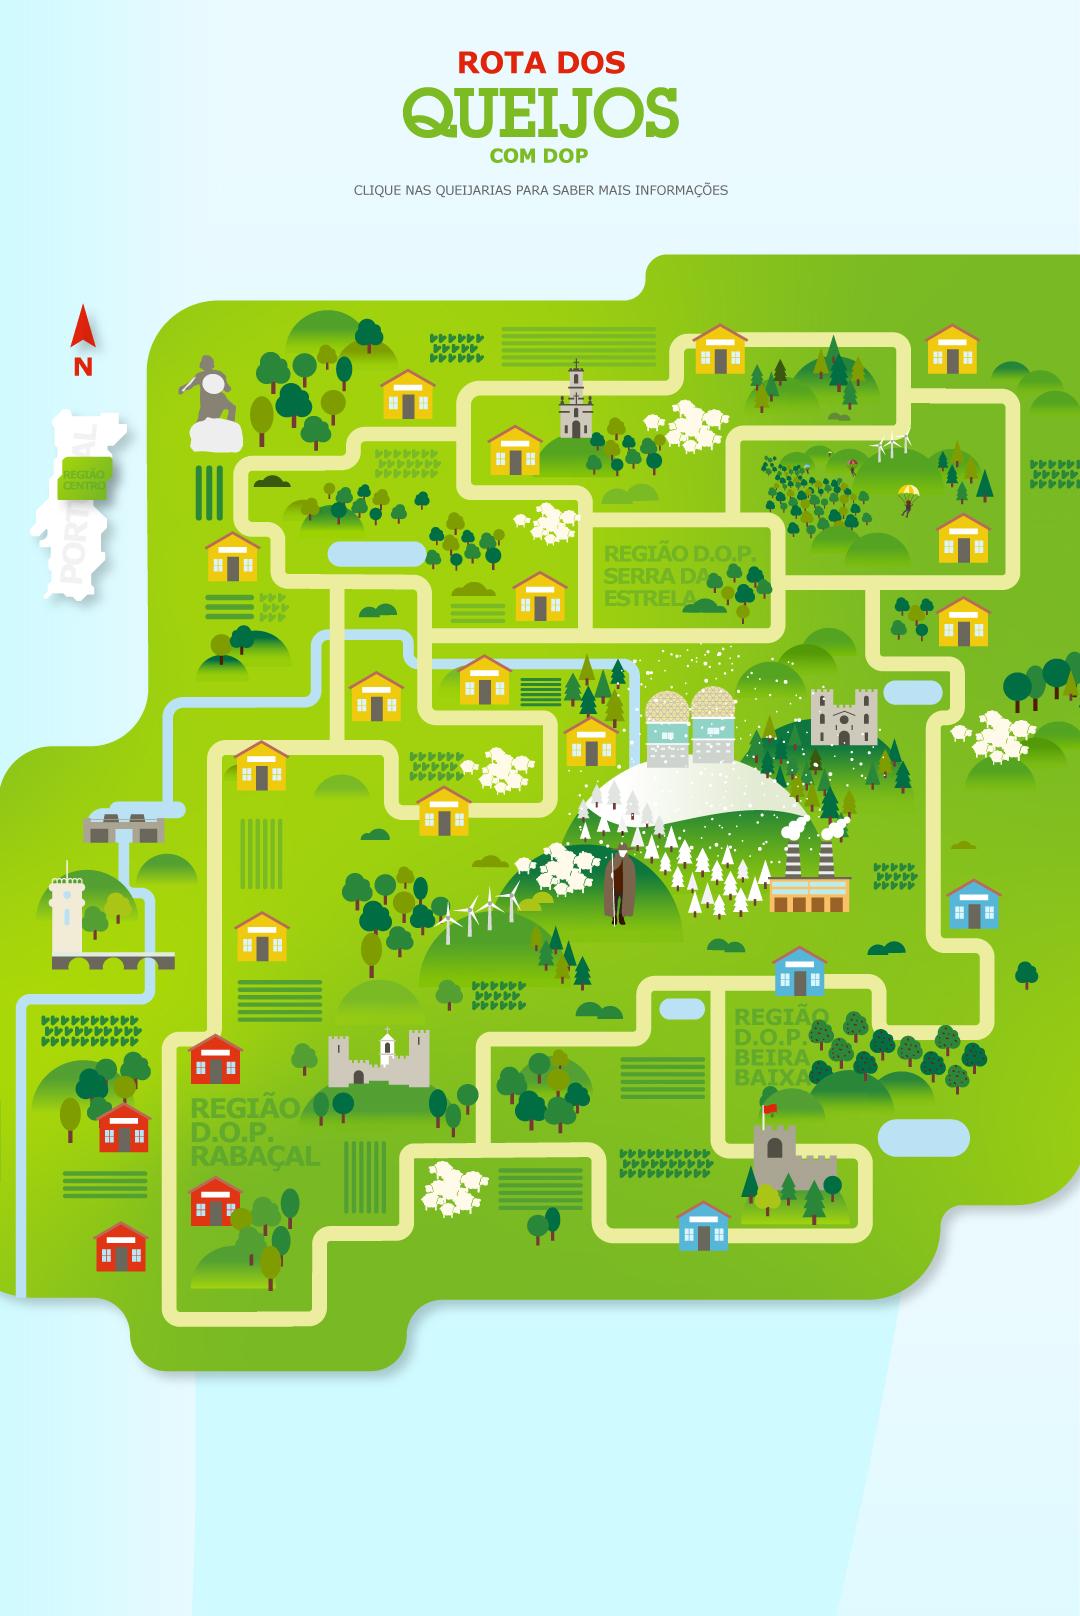 casas-montes-serra-torre-ilustração-região-centro-portugal-queijarias-caminho-rota